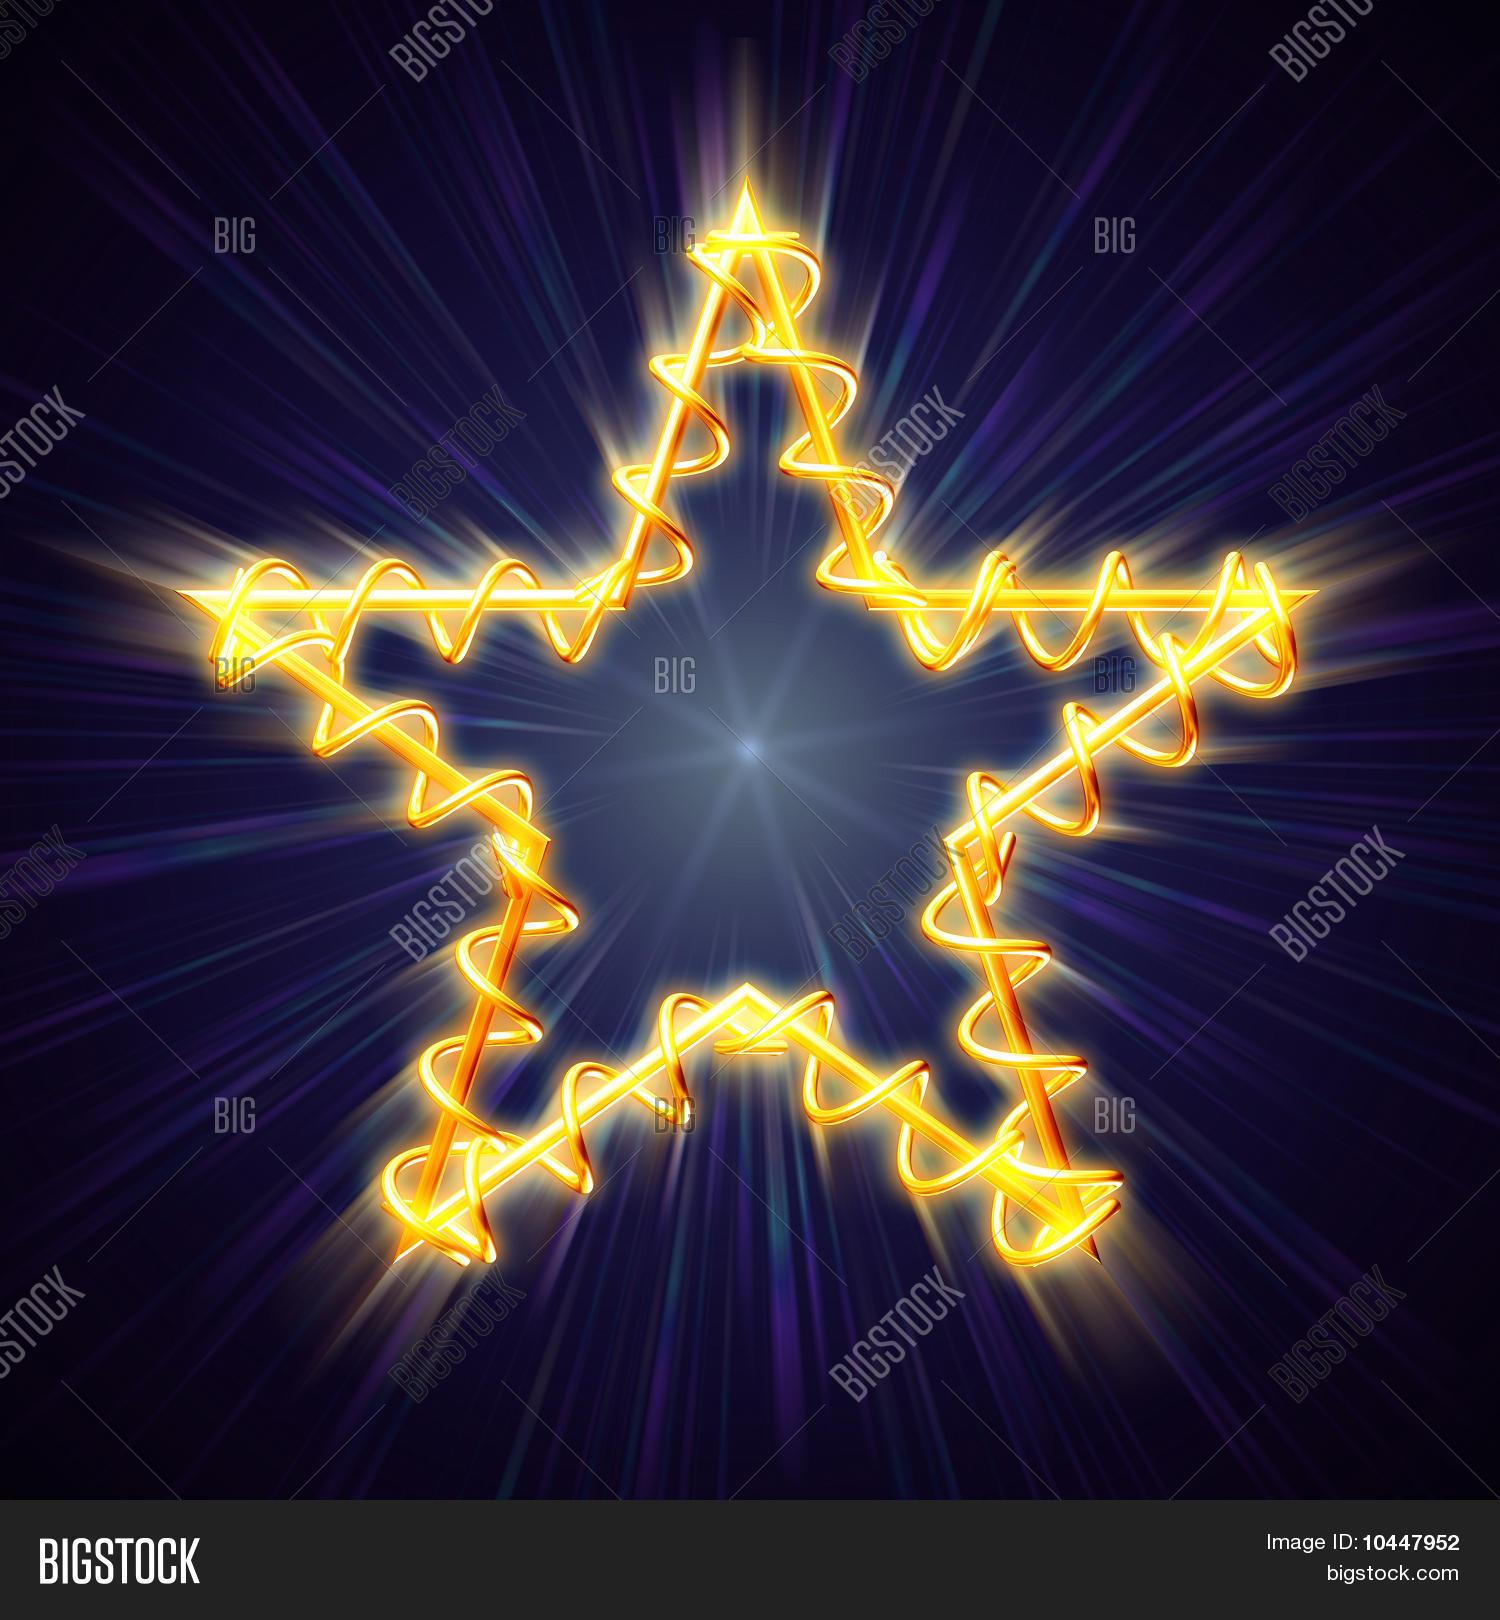 Big Christmas Star Light